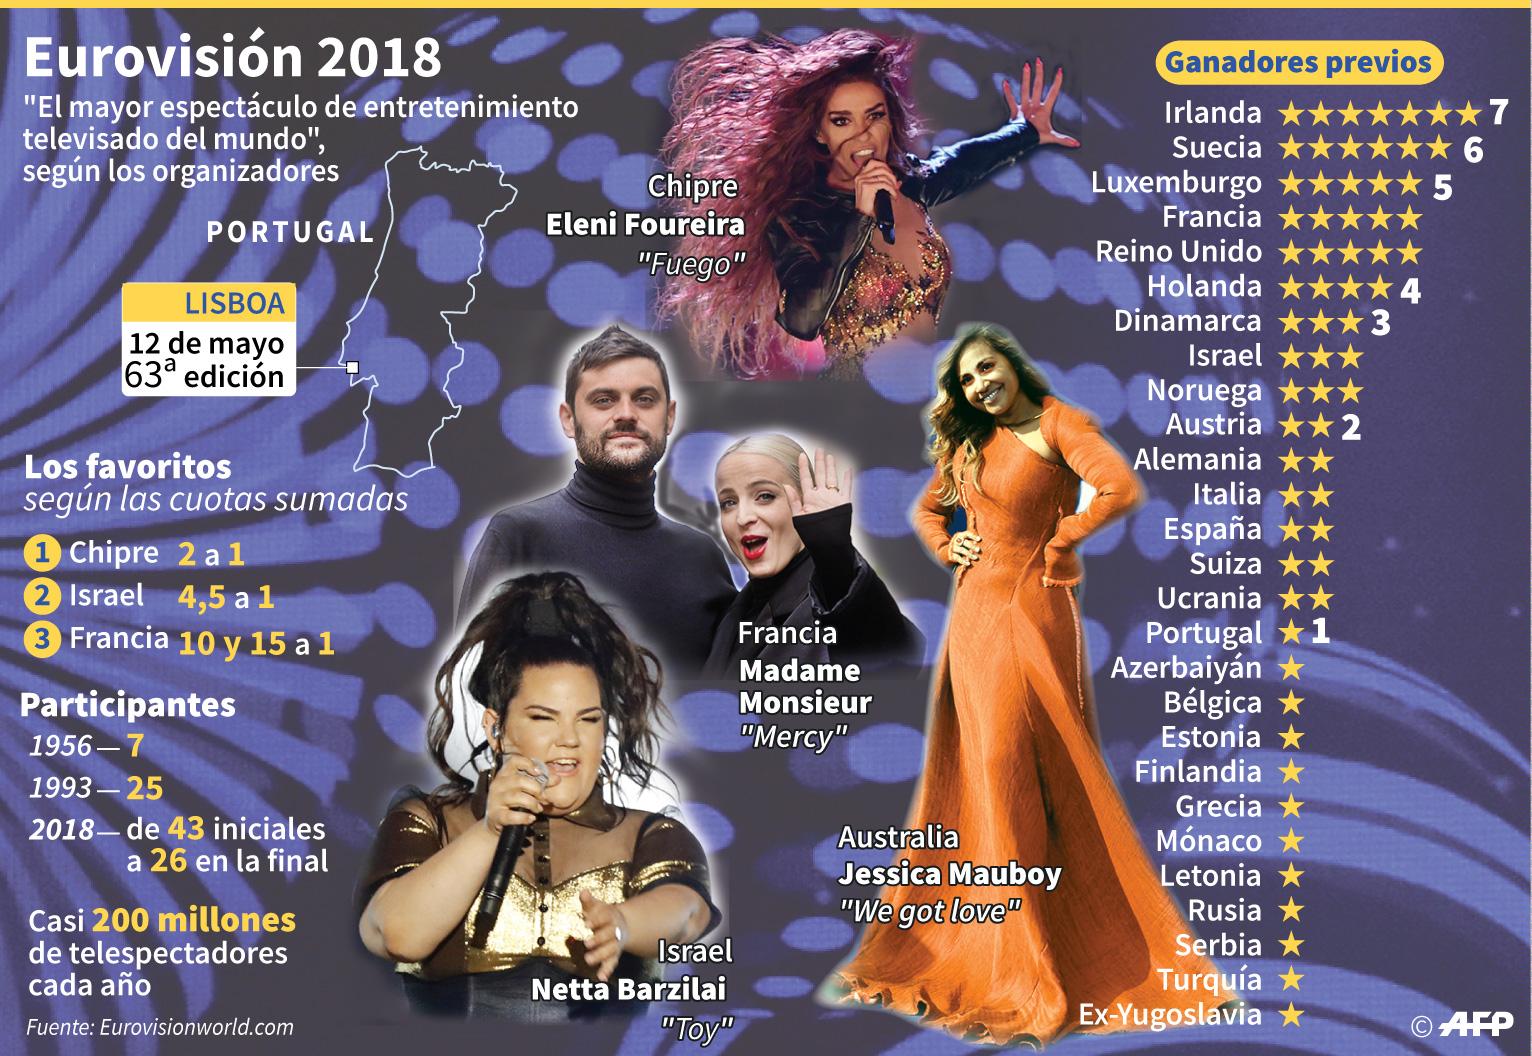 Eurovisión 2018: Israel se llevó el micrófono de cristal con peculiar interpretación feminista. (AFP)